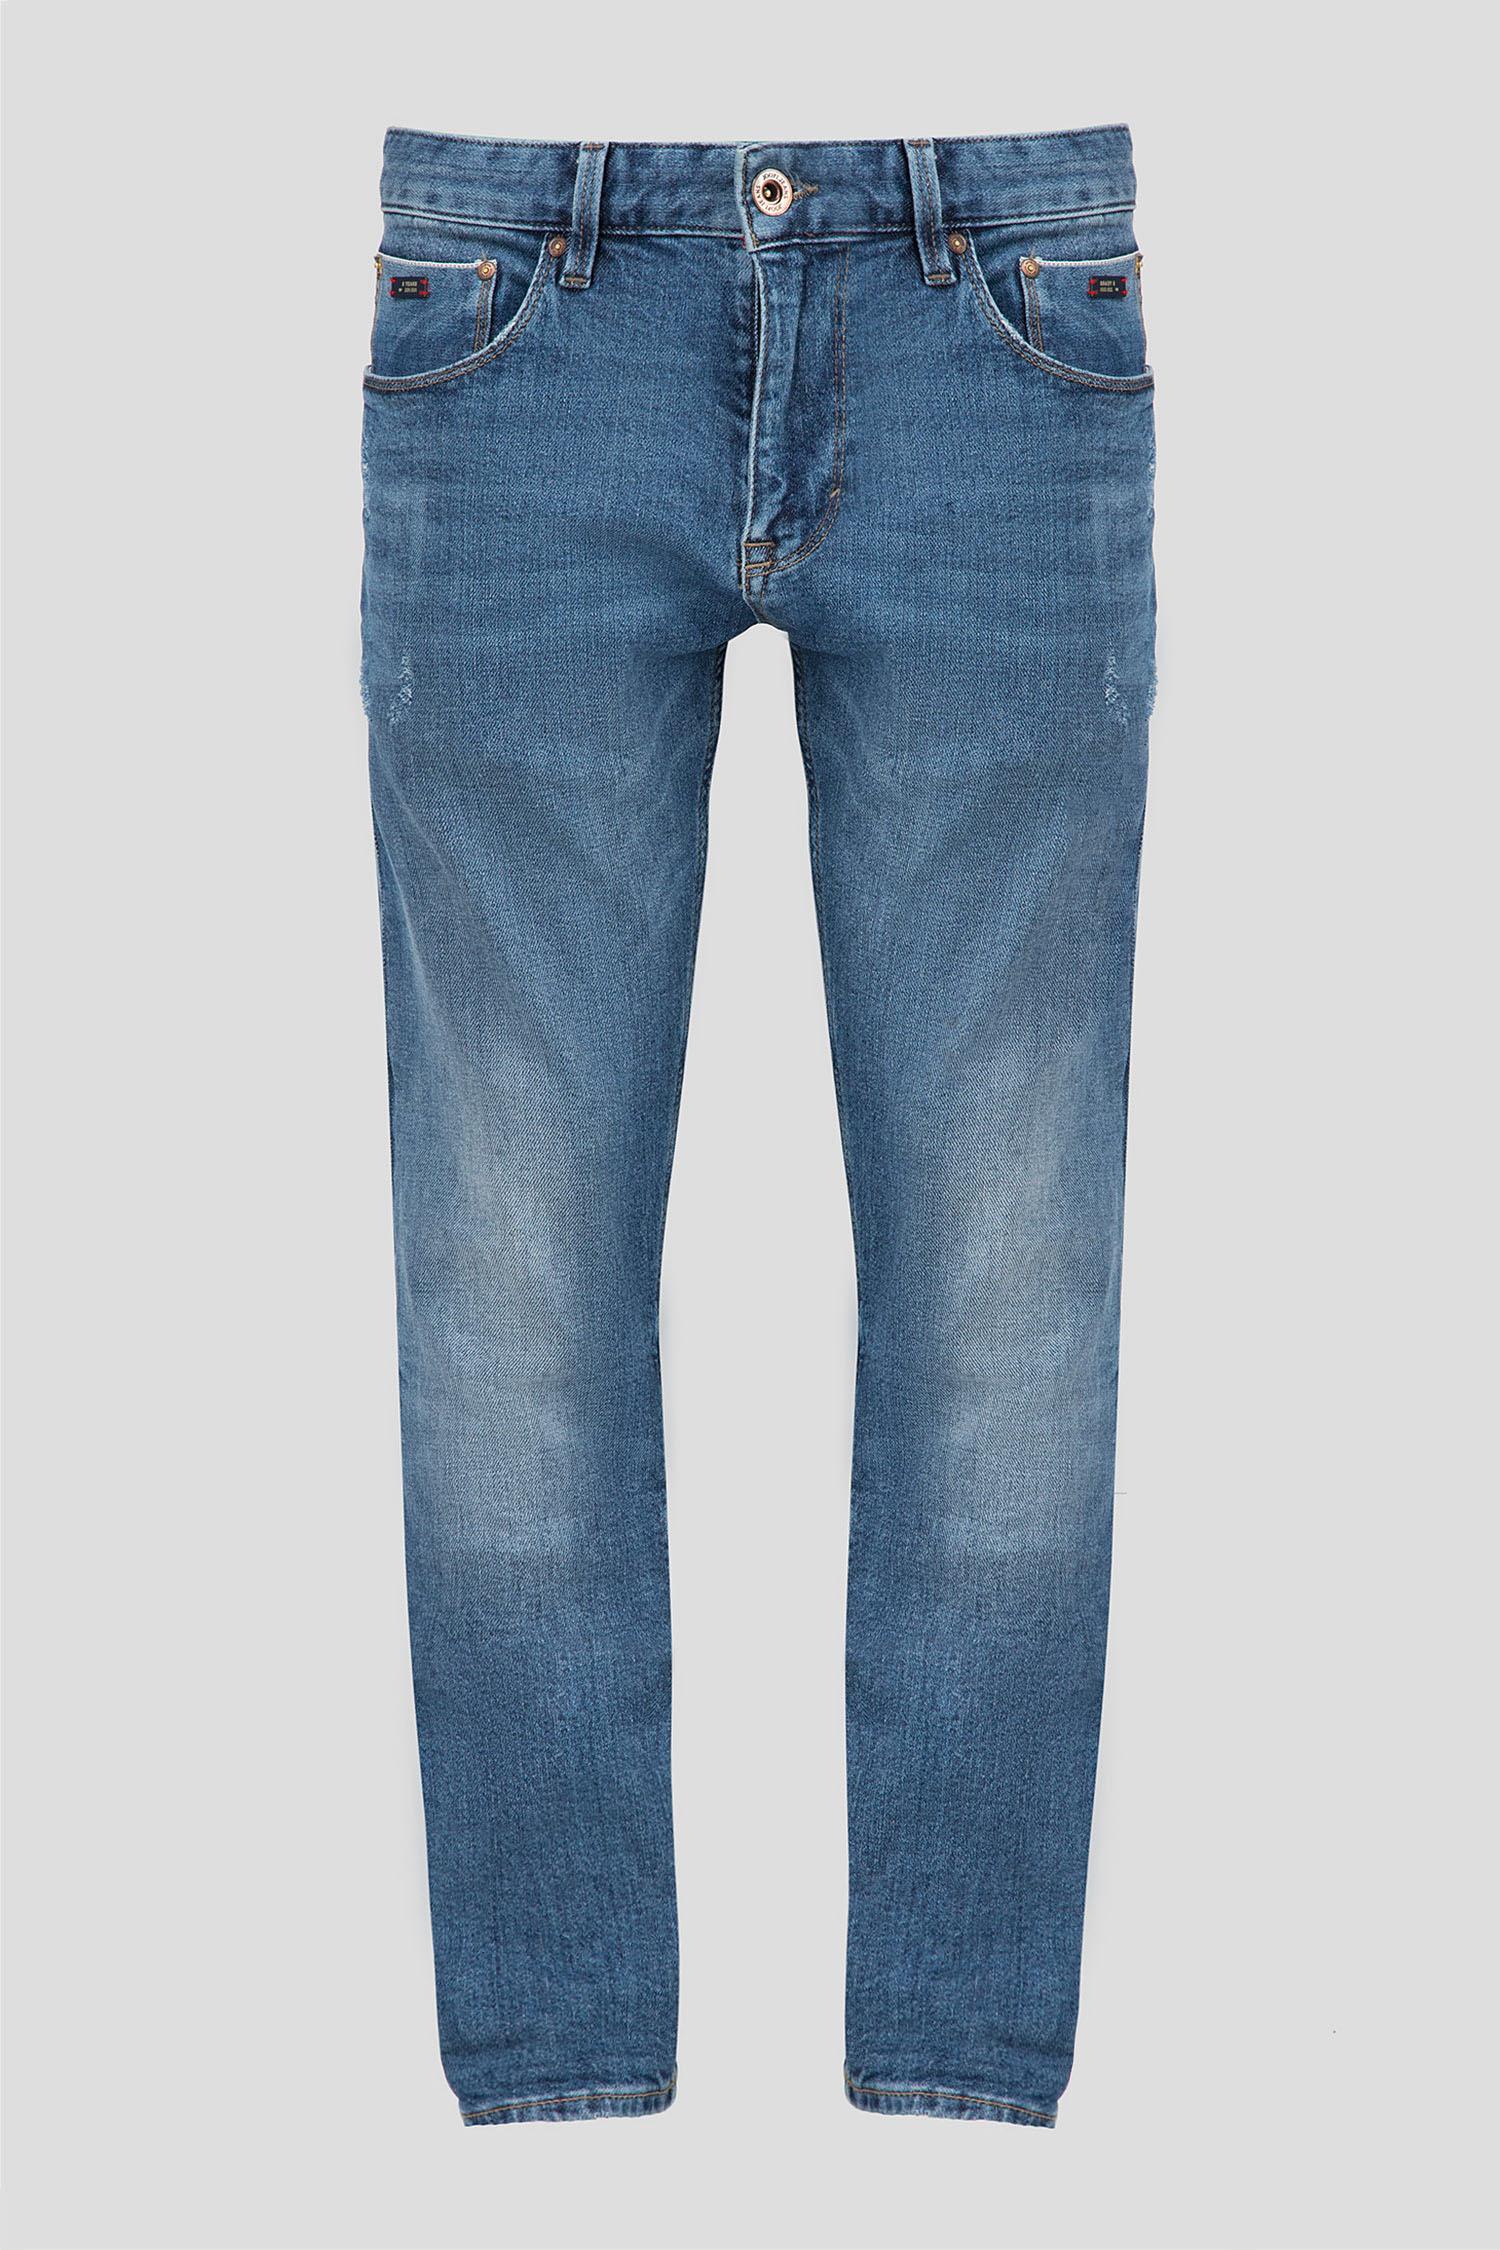 Мужские синие джинсы JJD-03STEPHEN Joop